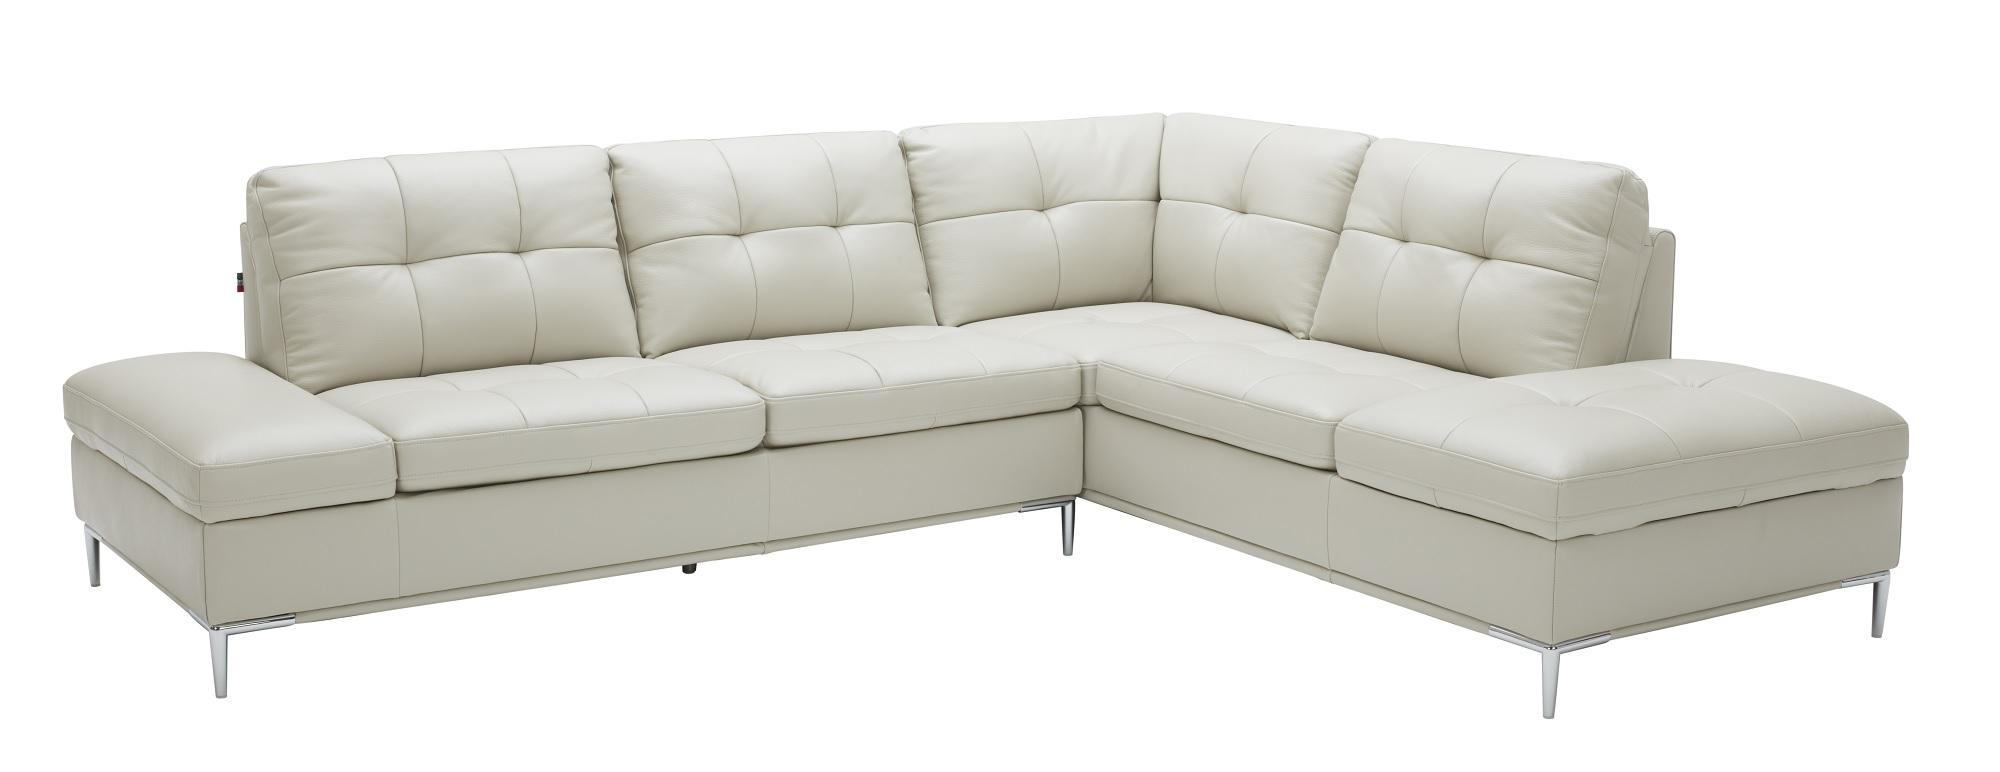 Leonardo Silver Grey Sectional Sofa w/Storage by J&M Furniture